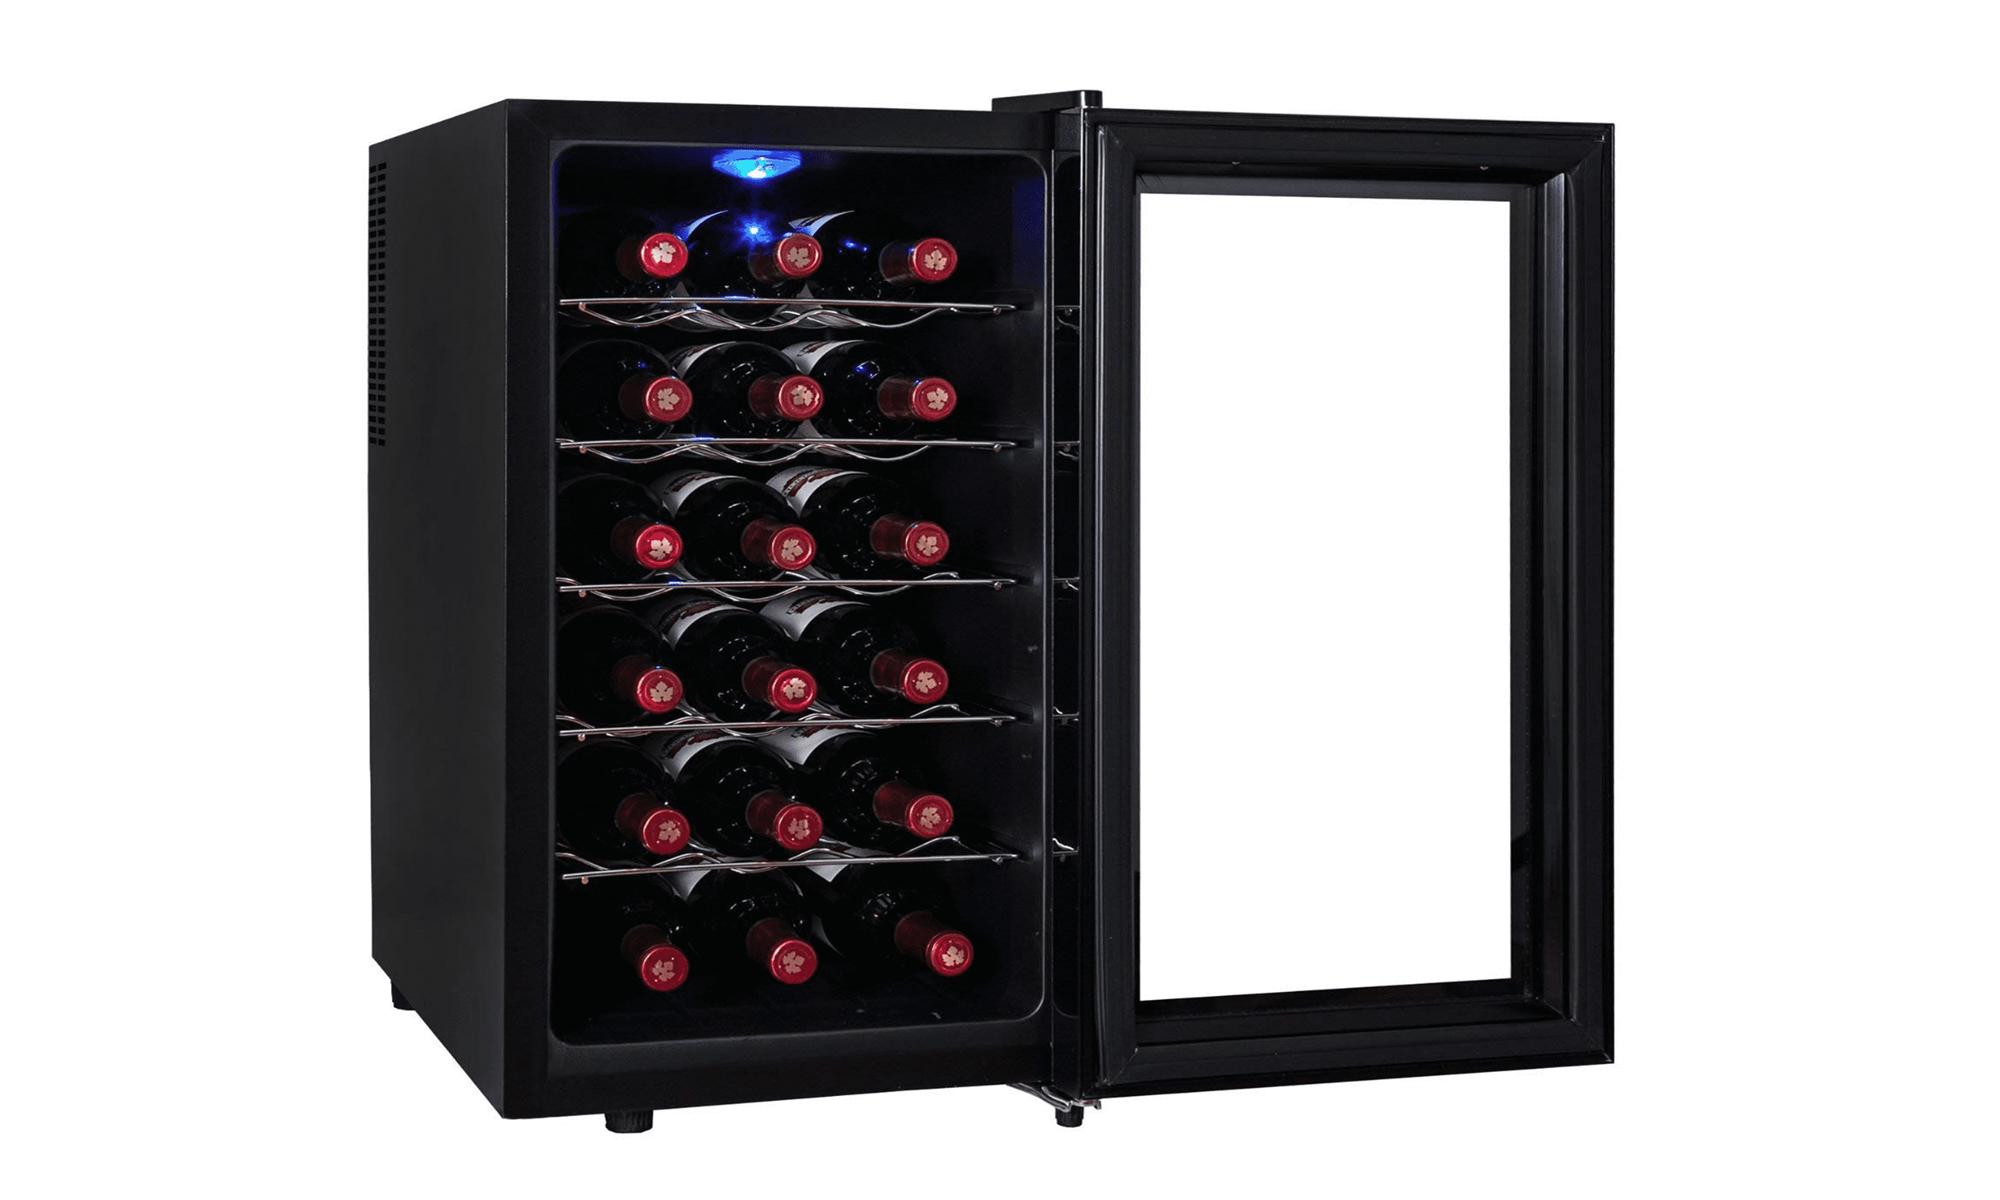 Kalamera KR-18JPE Freestanding Touchscreen Wine Cooler